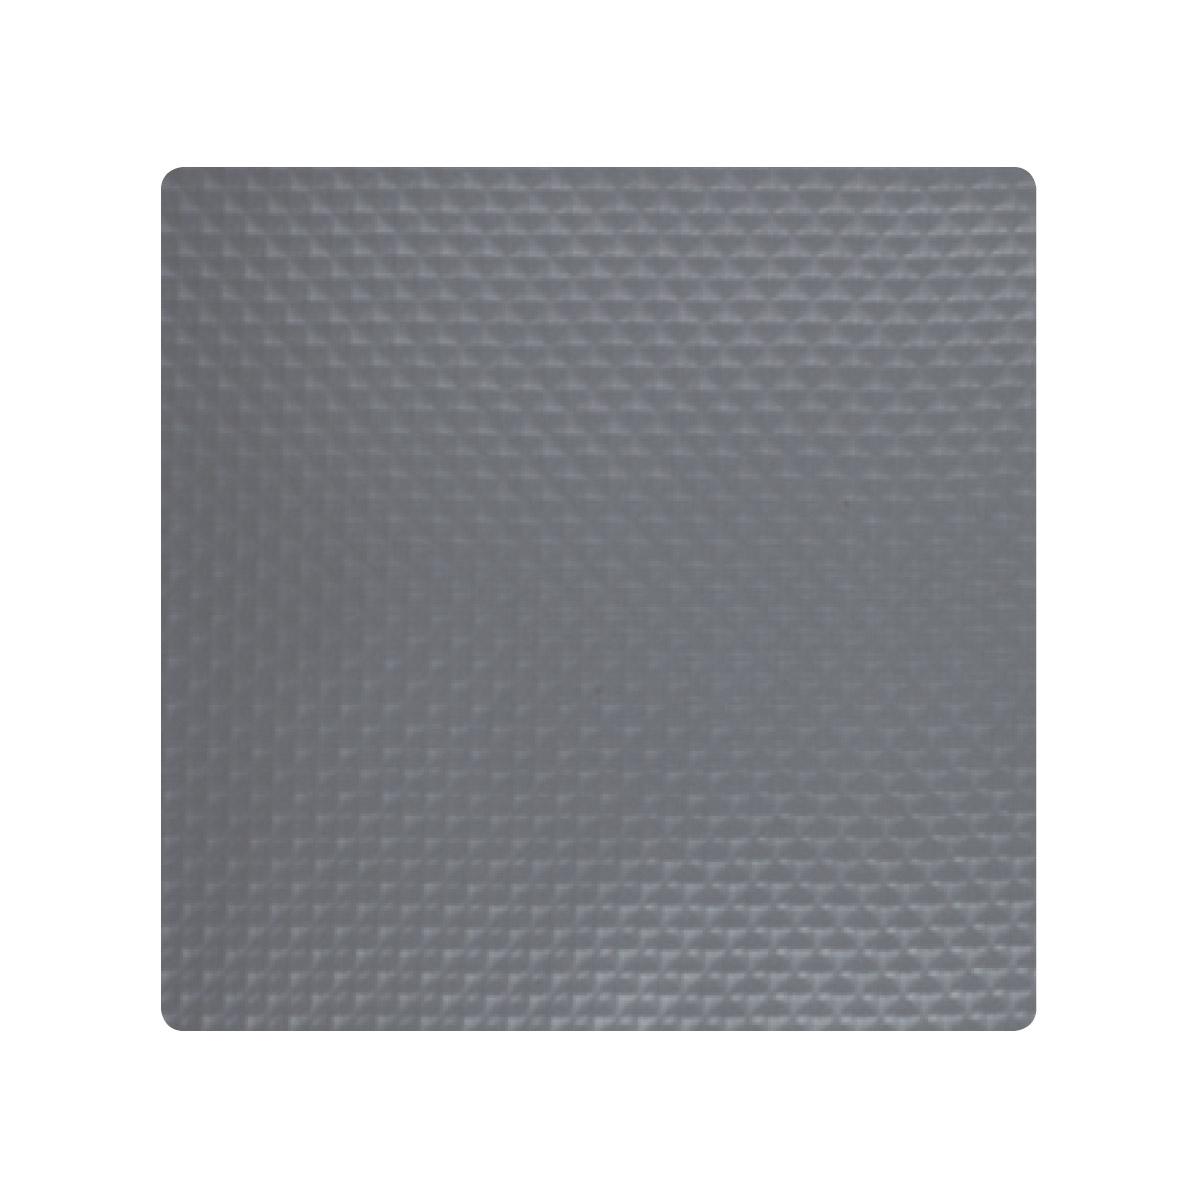 Elvaflex Schwimmbadfolie PVC weiß Dicke 1,5mm , Breite 165 cm l=25m Rolle Elvaflex Schwimmbadfolie PVC weiß Dicke 1,5mm , Breite 165 cm l=25m Rolle